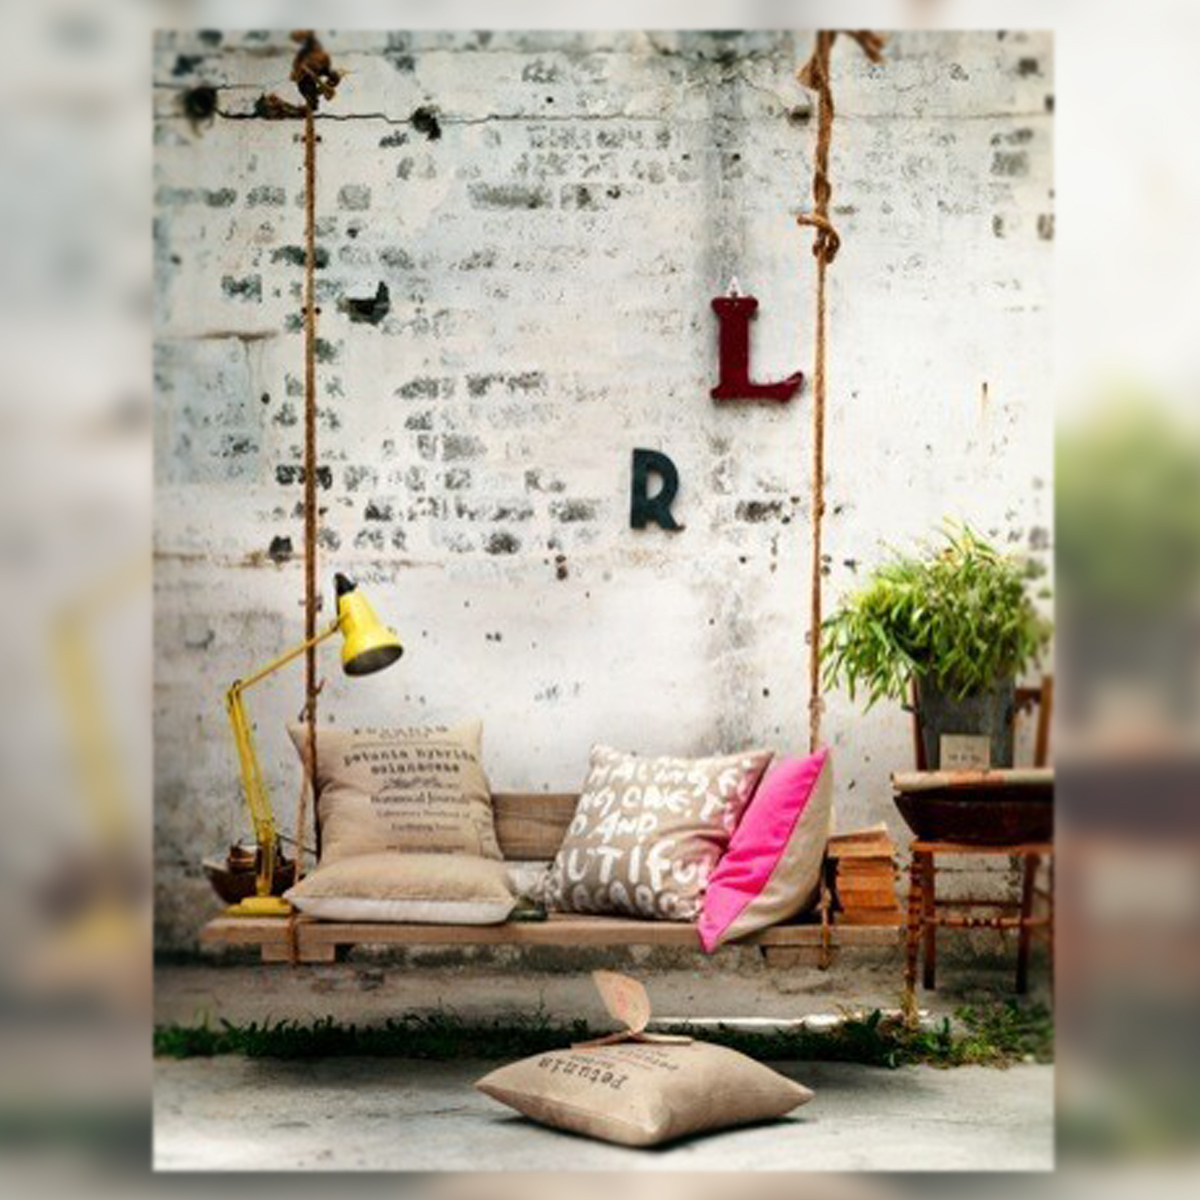 Inspiration day recicla y decora la musa decoraci n - Recicla y decora ...